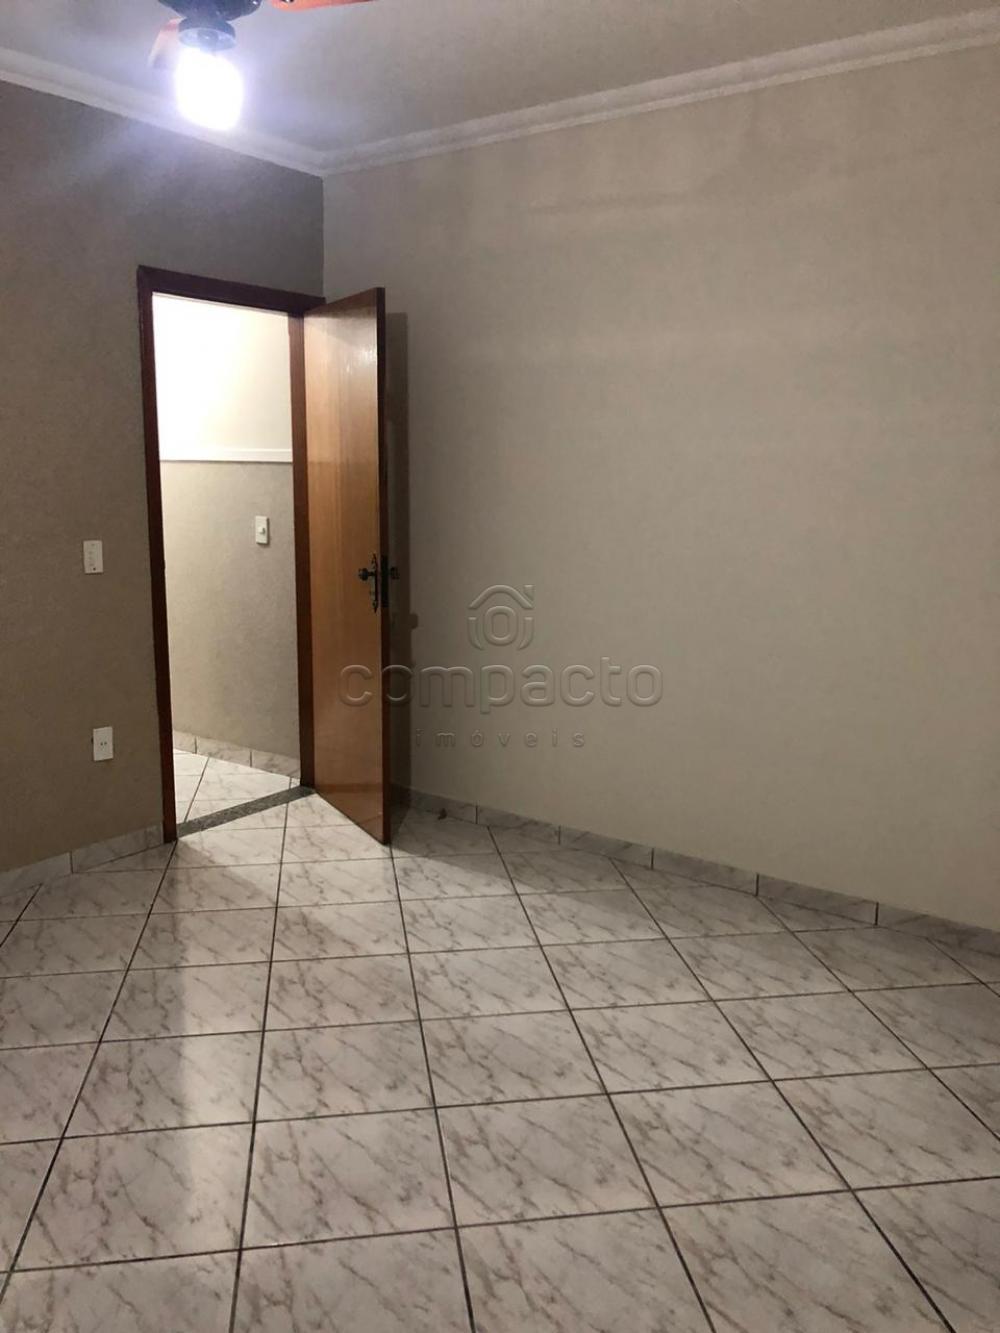 Comprar Casa / Padrão em Mirassol apenas R$ 275.000,00 - Foto 11